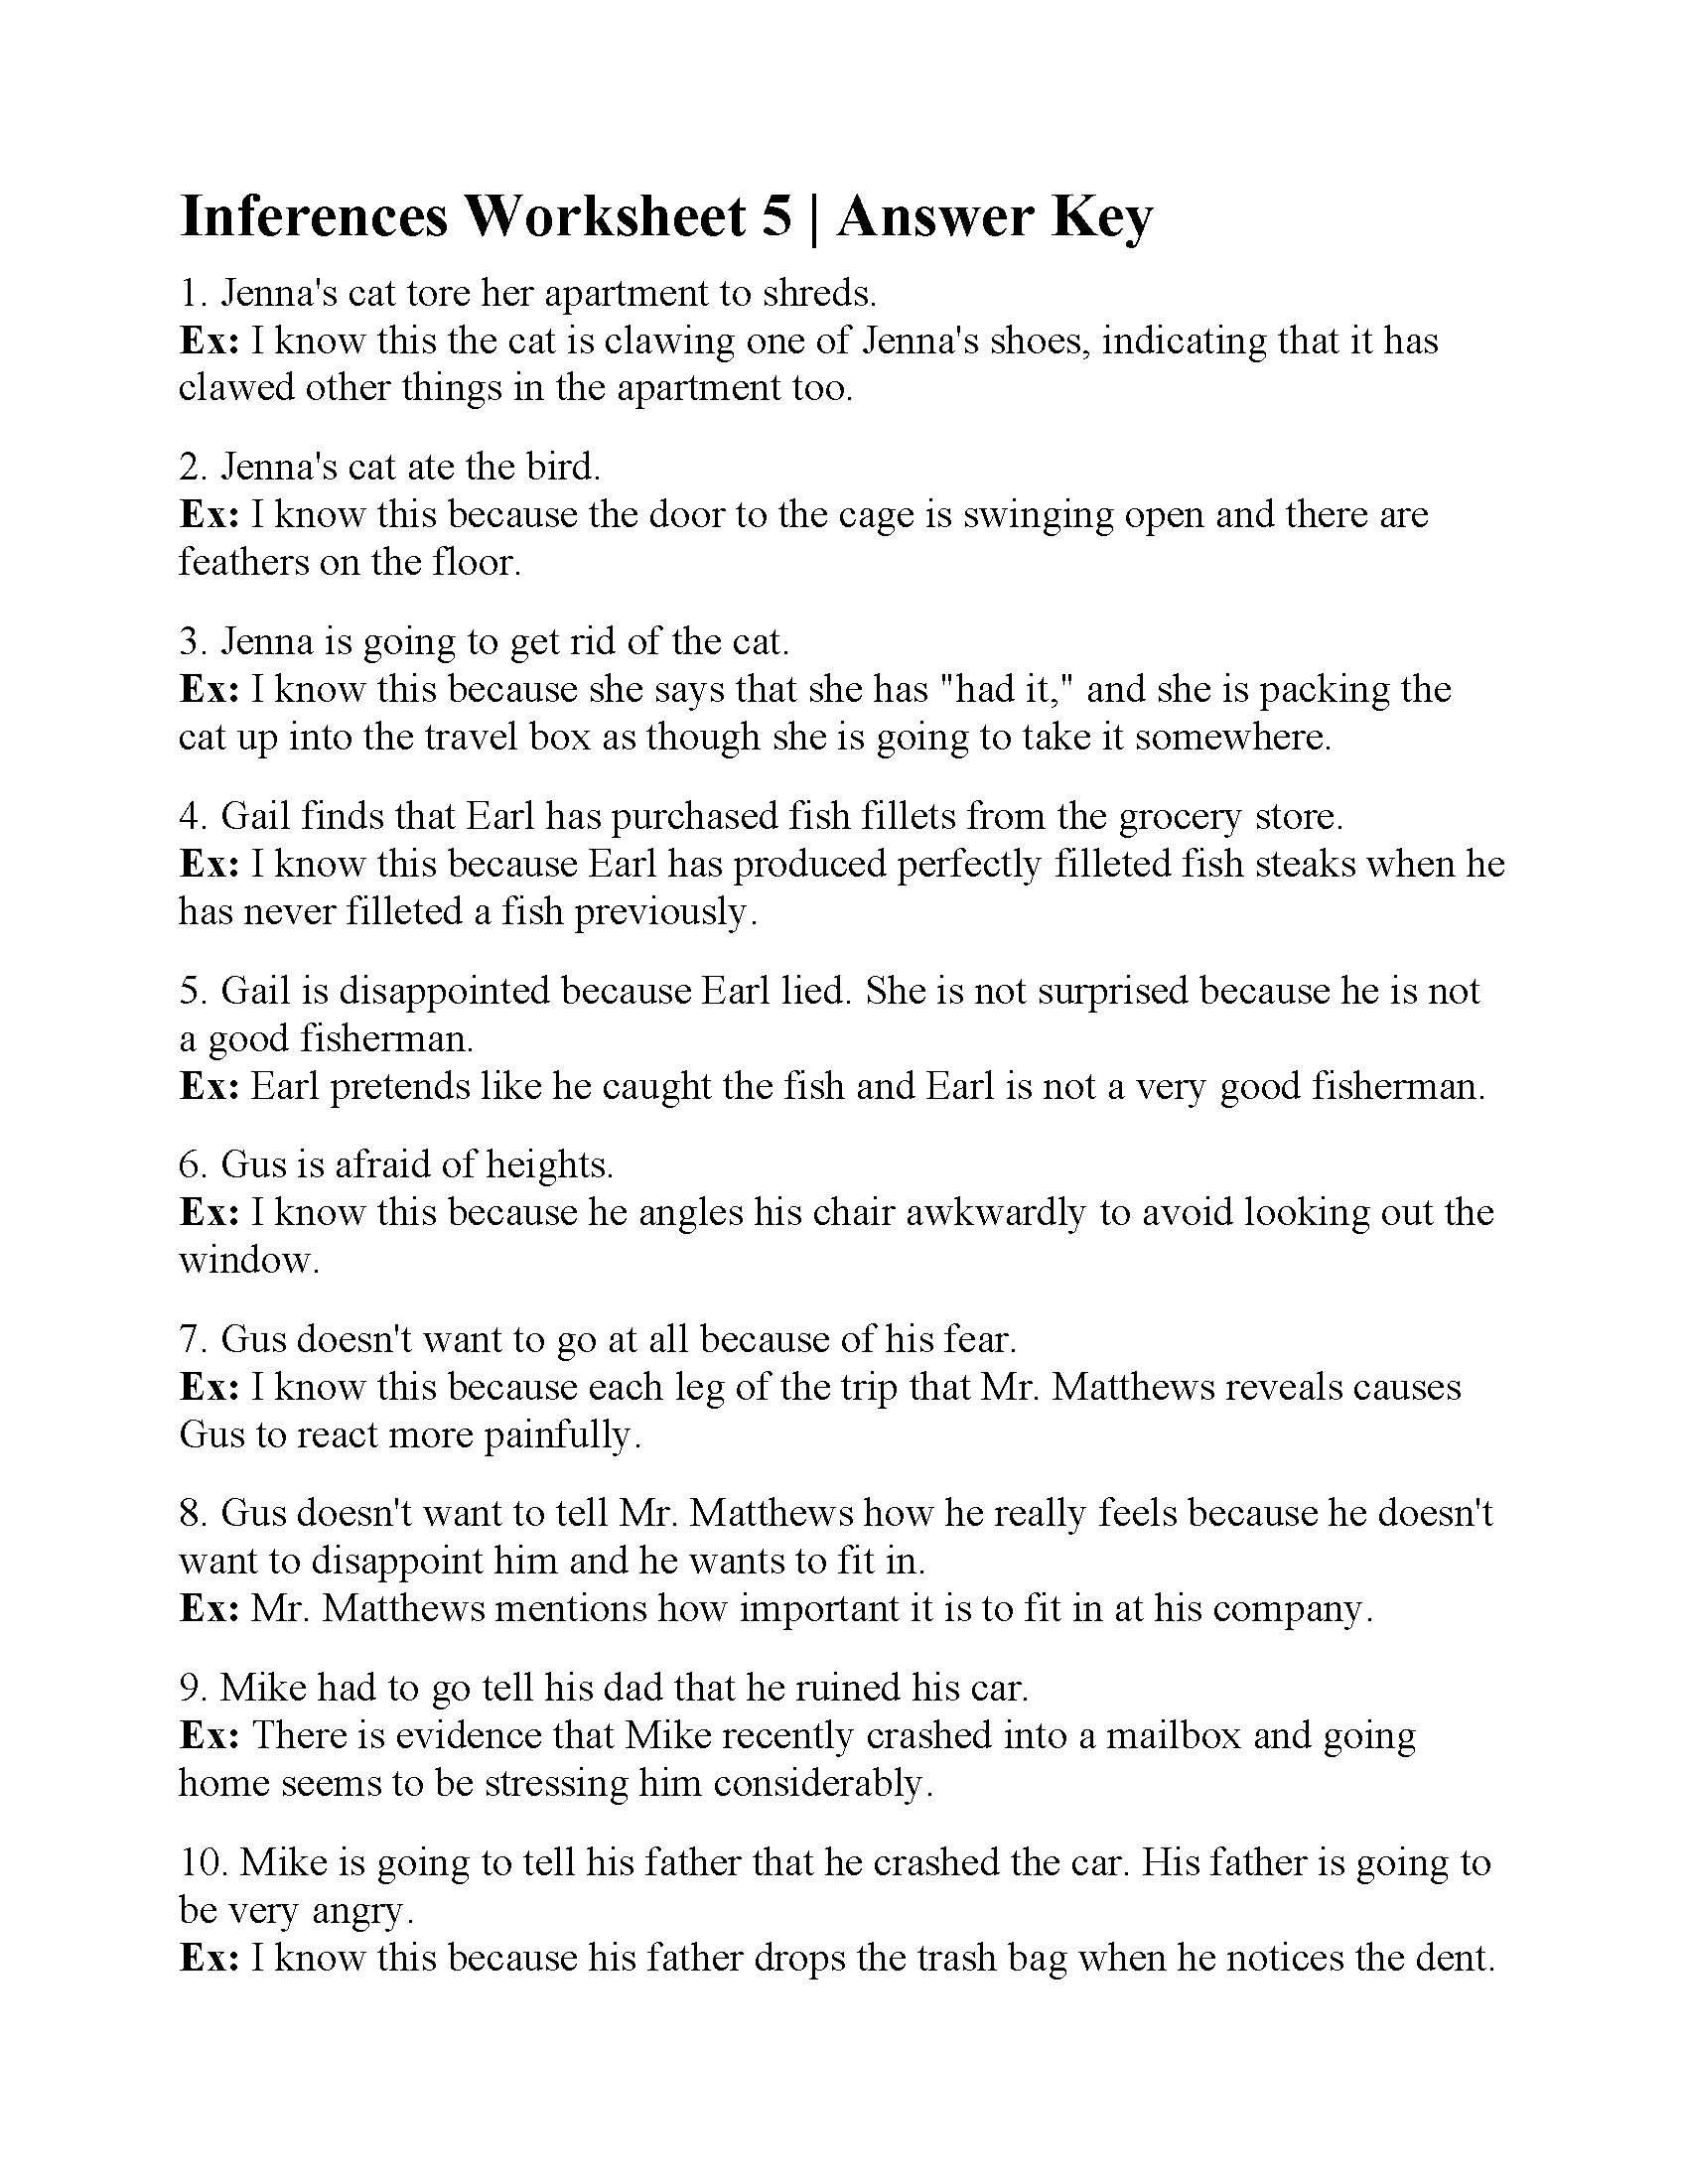 Inference Worksheets Grade 4 Inferences Worksheet 5